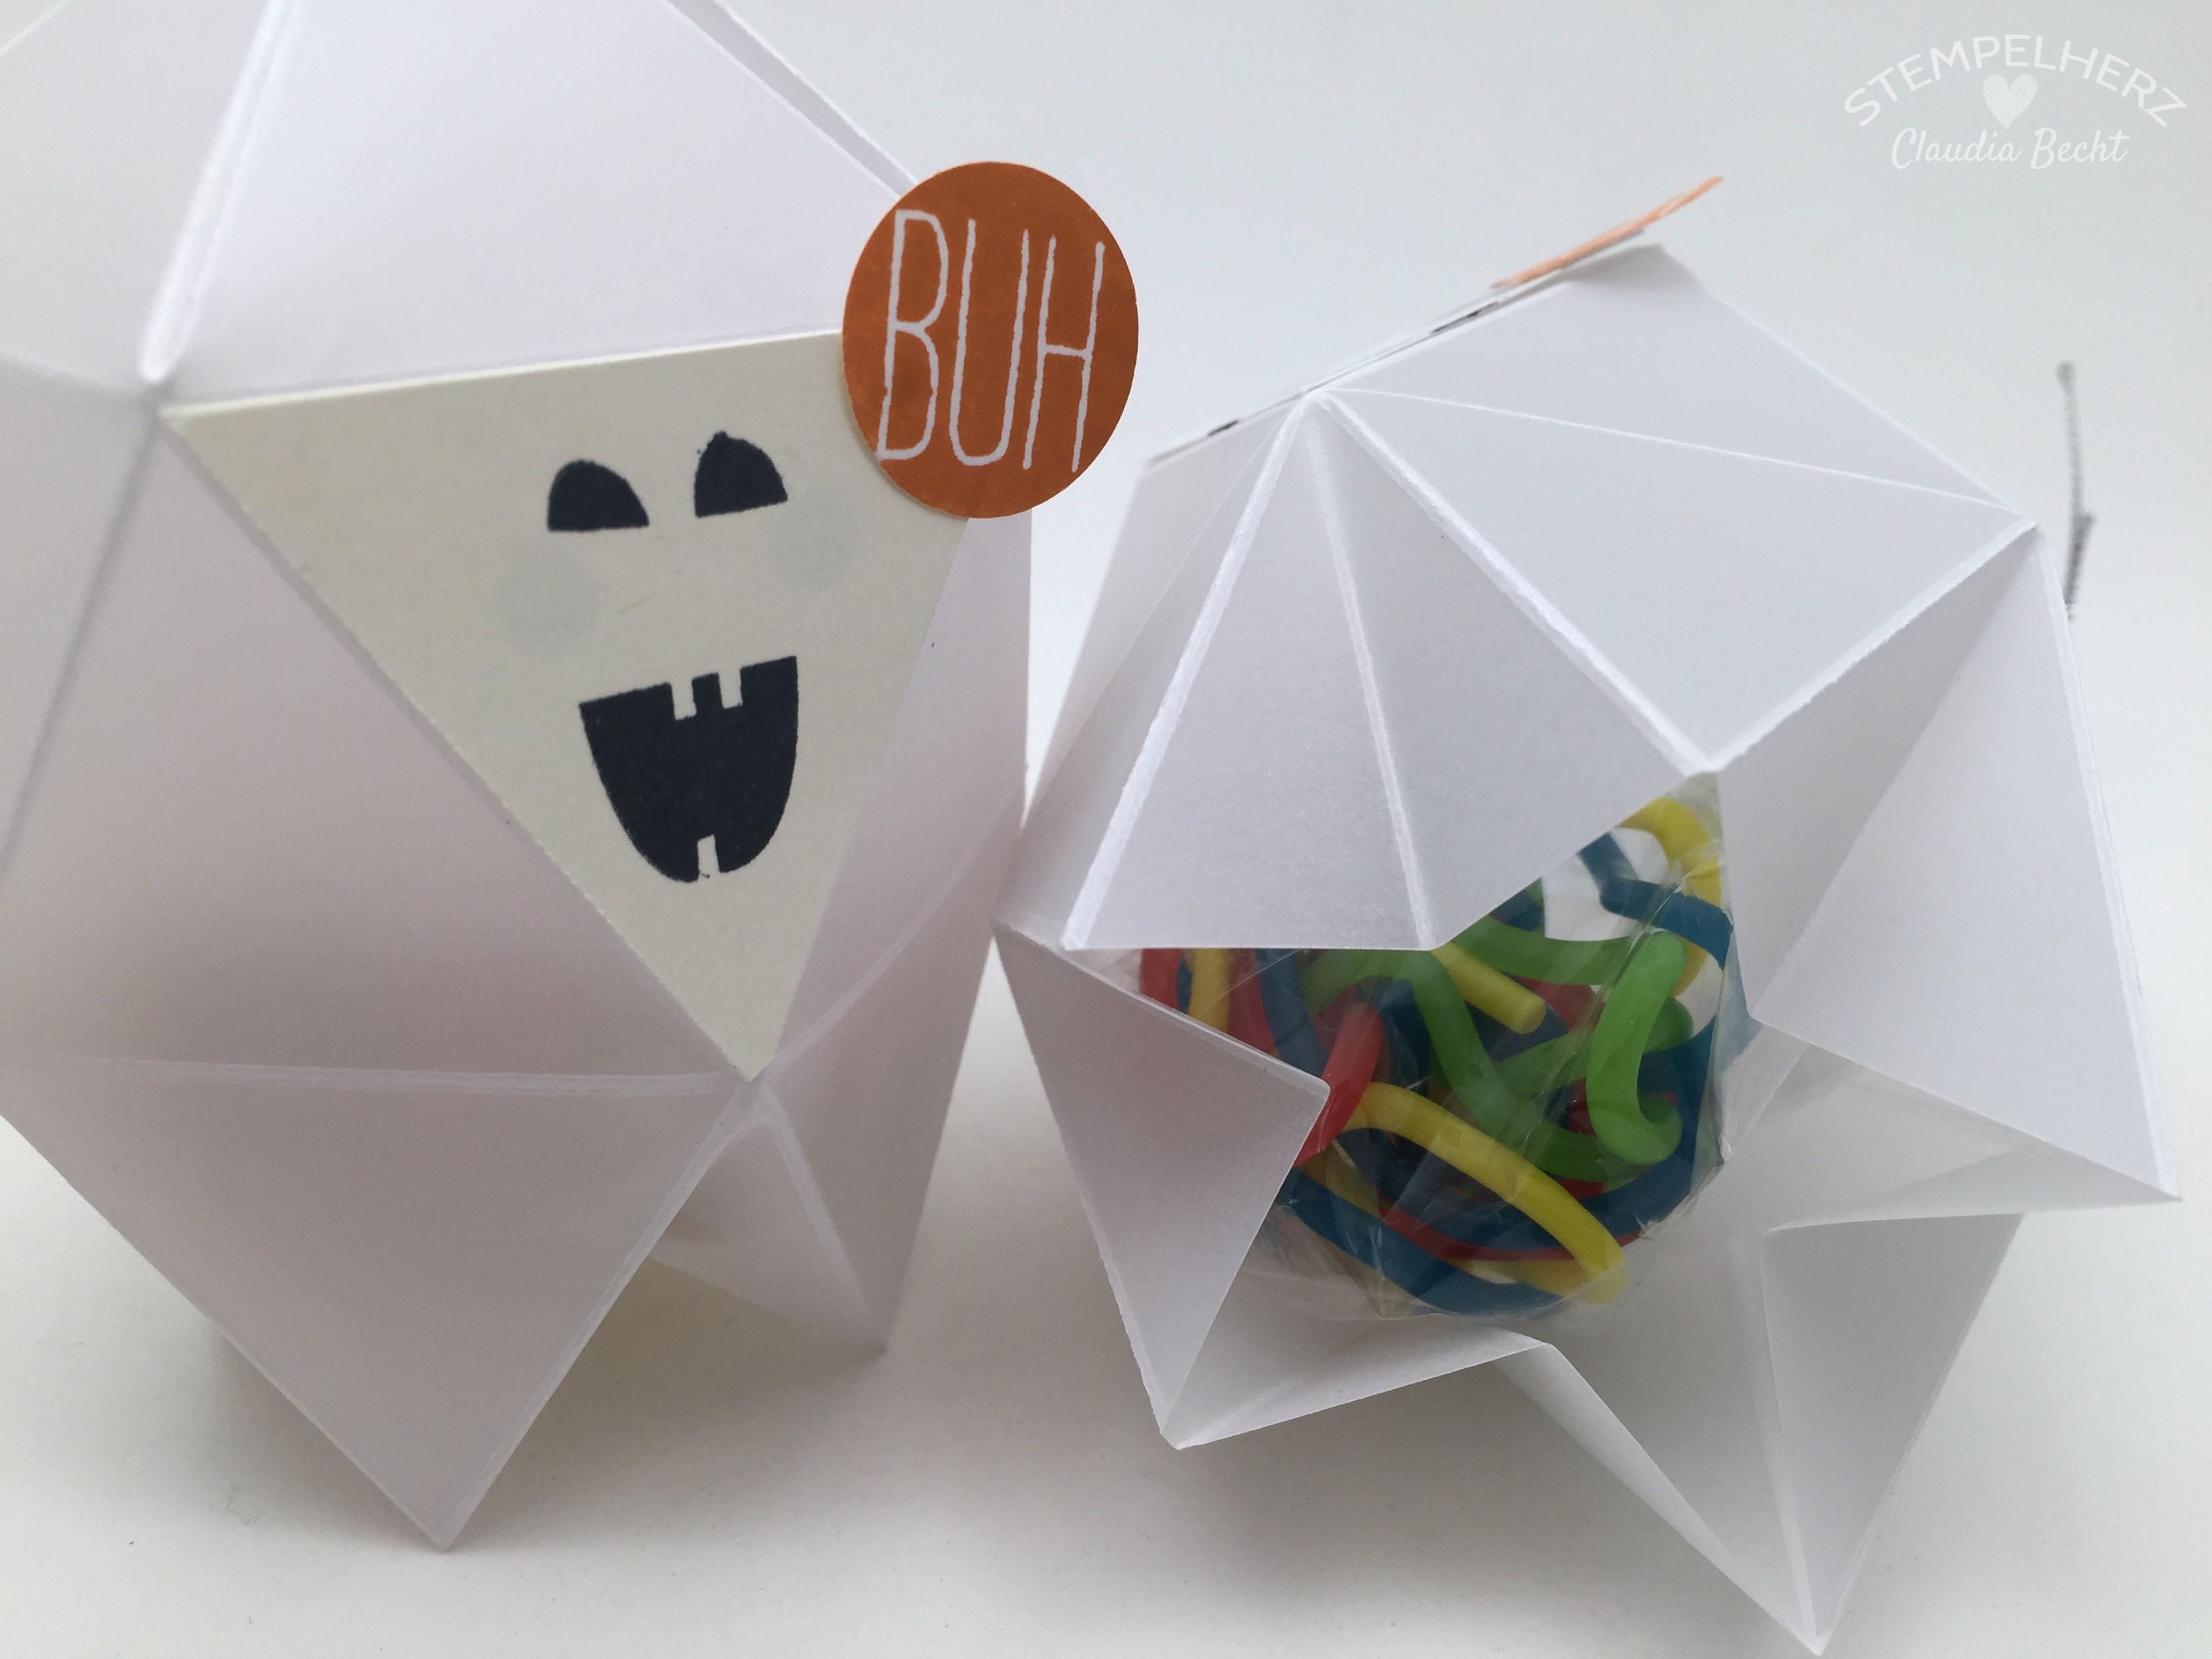 Stampin Up-Stempelherz-Verpackung-Box-Halloween-Geister-Gespenster-Trick or Treat-Buh-Geschenk-Halloweenverpackung-Videoanleitung-Spukgeister 05b